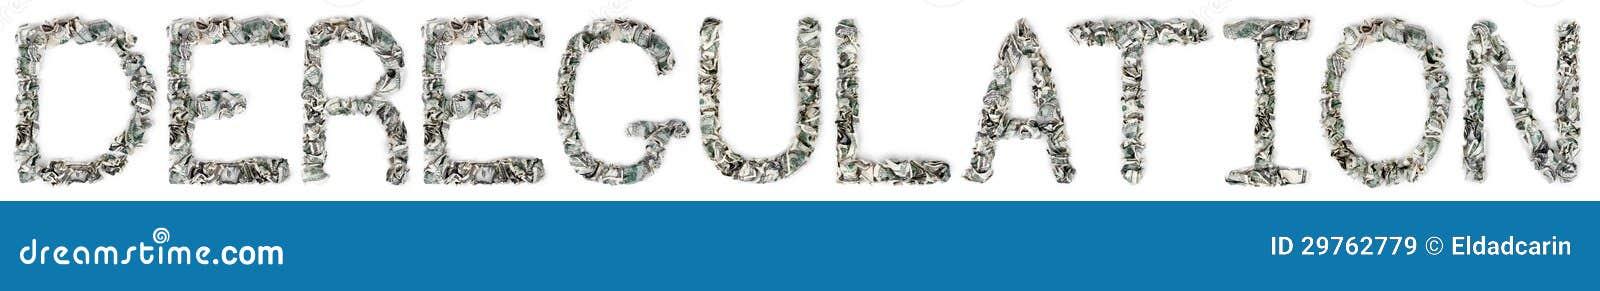 Desregulación - cuentas prensadas 100$